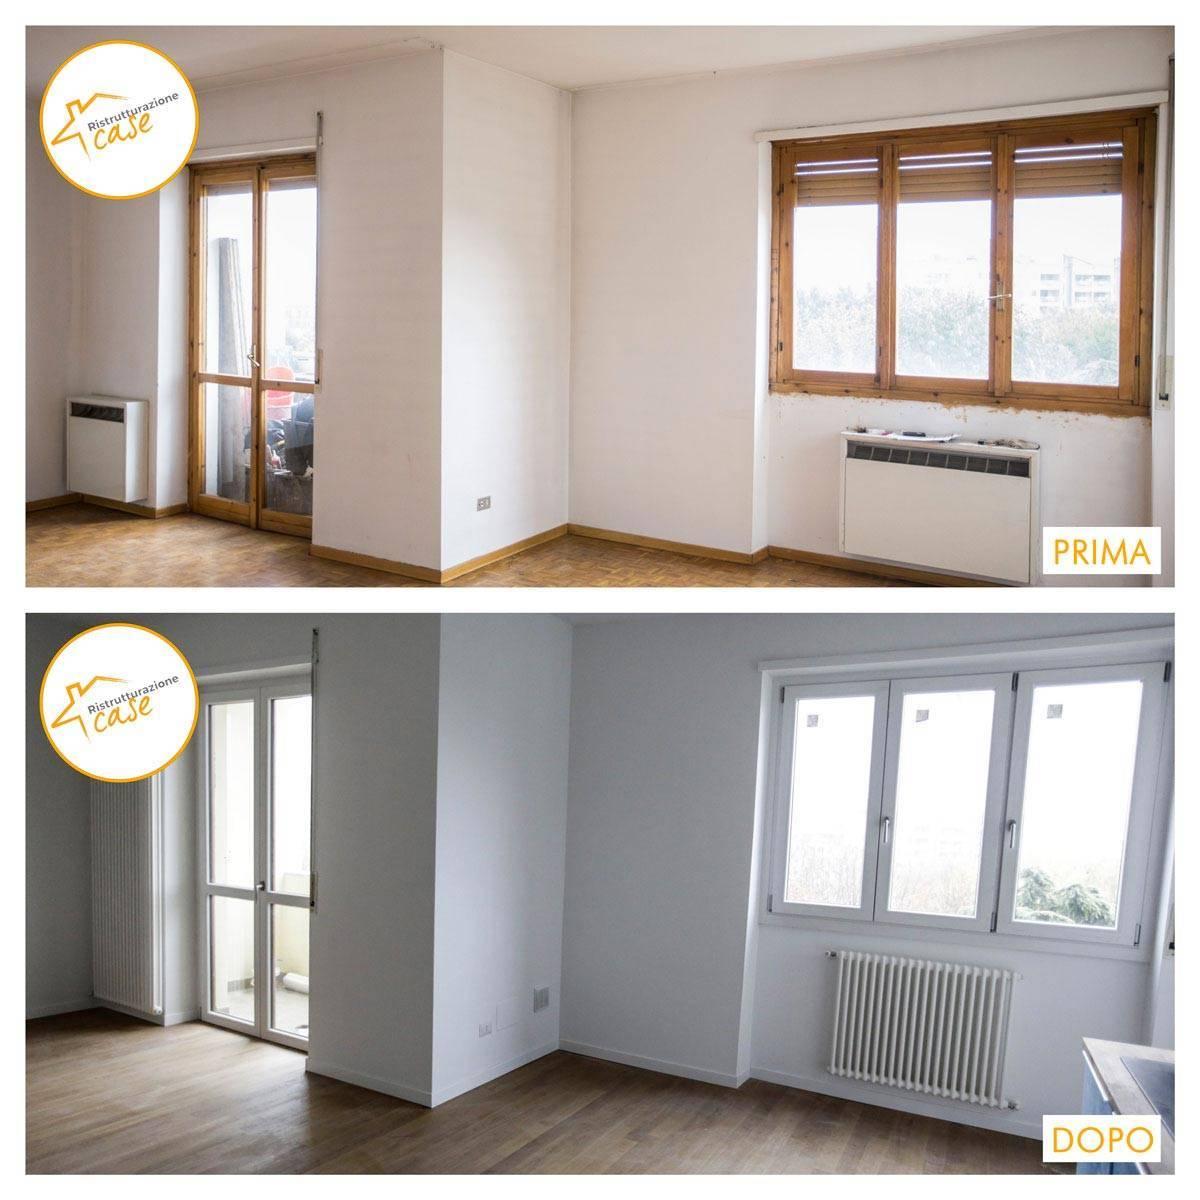 Ristrutturare Appartamento 35 Mq ristrutturazione casa 80 mq - ristrutturazione appartamento